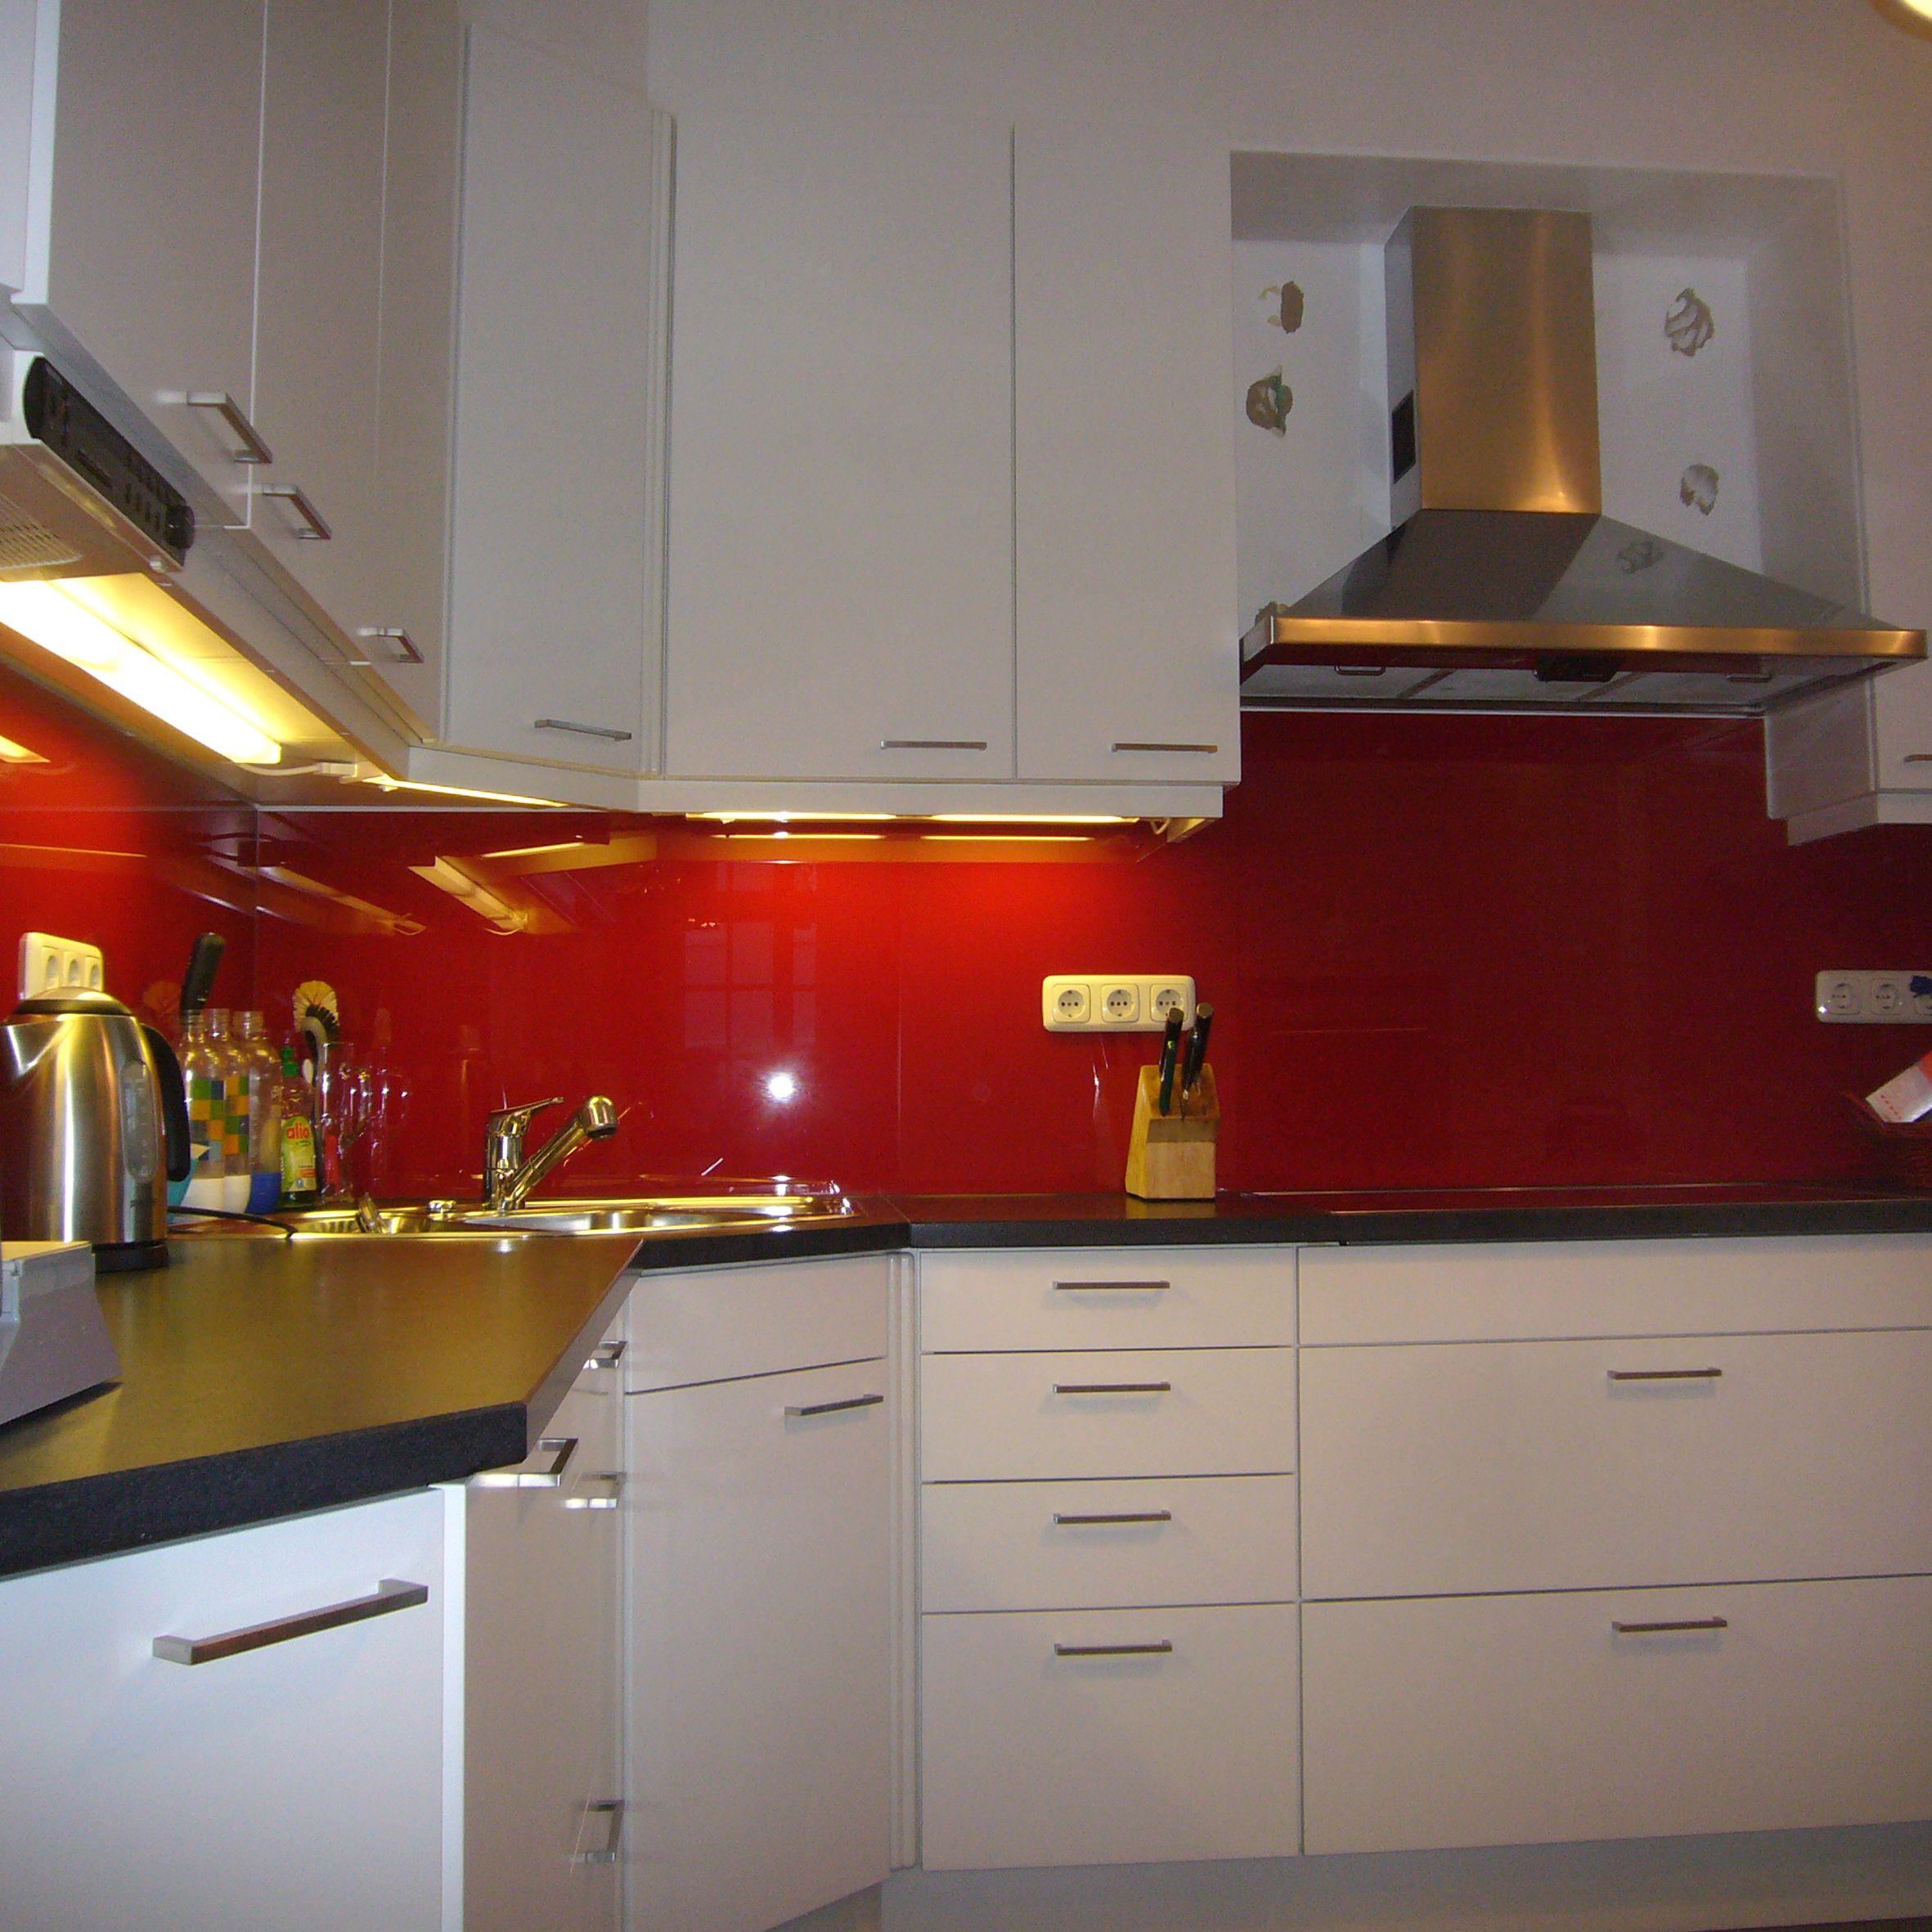 küche weiß hochglanz, #glasrückwand und stein #arbeitsplatte | l+s